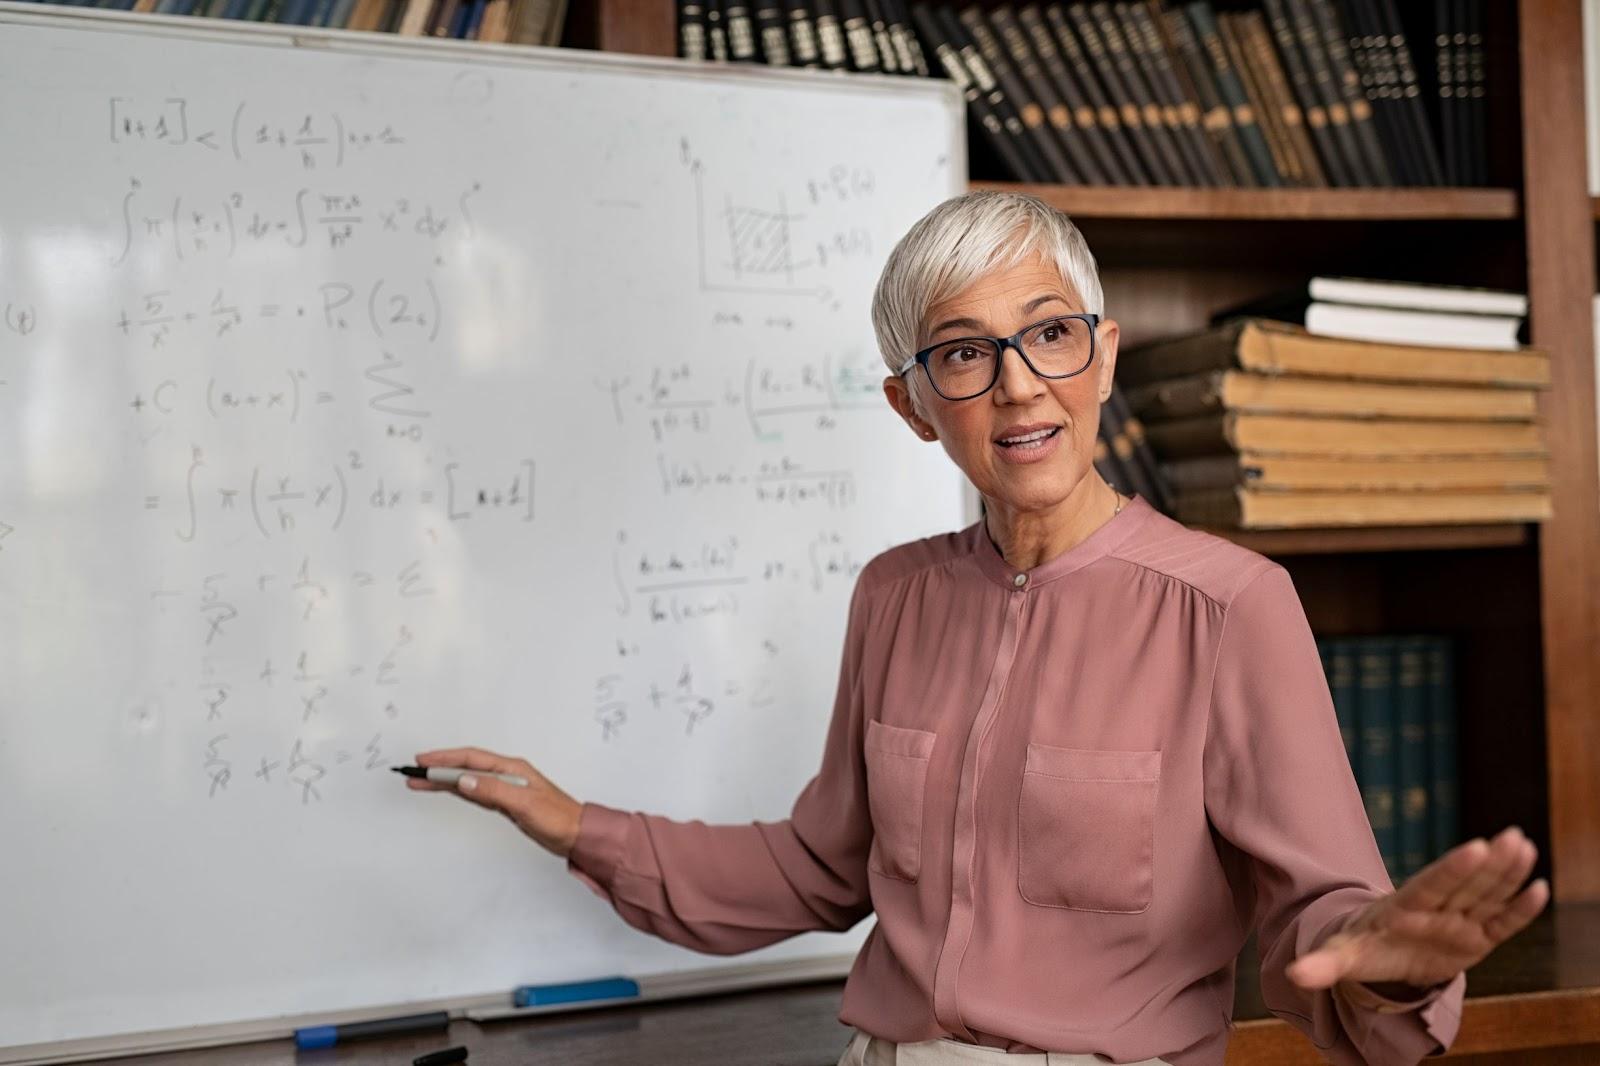 college-professor-explaining-math